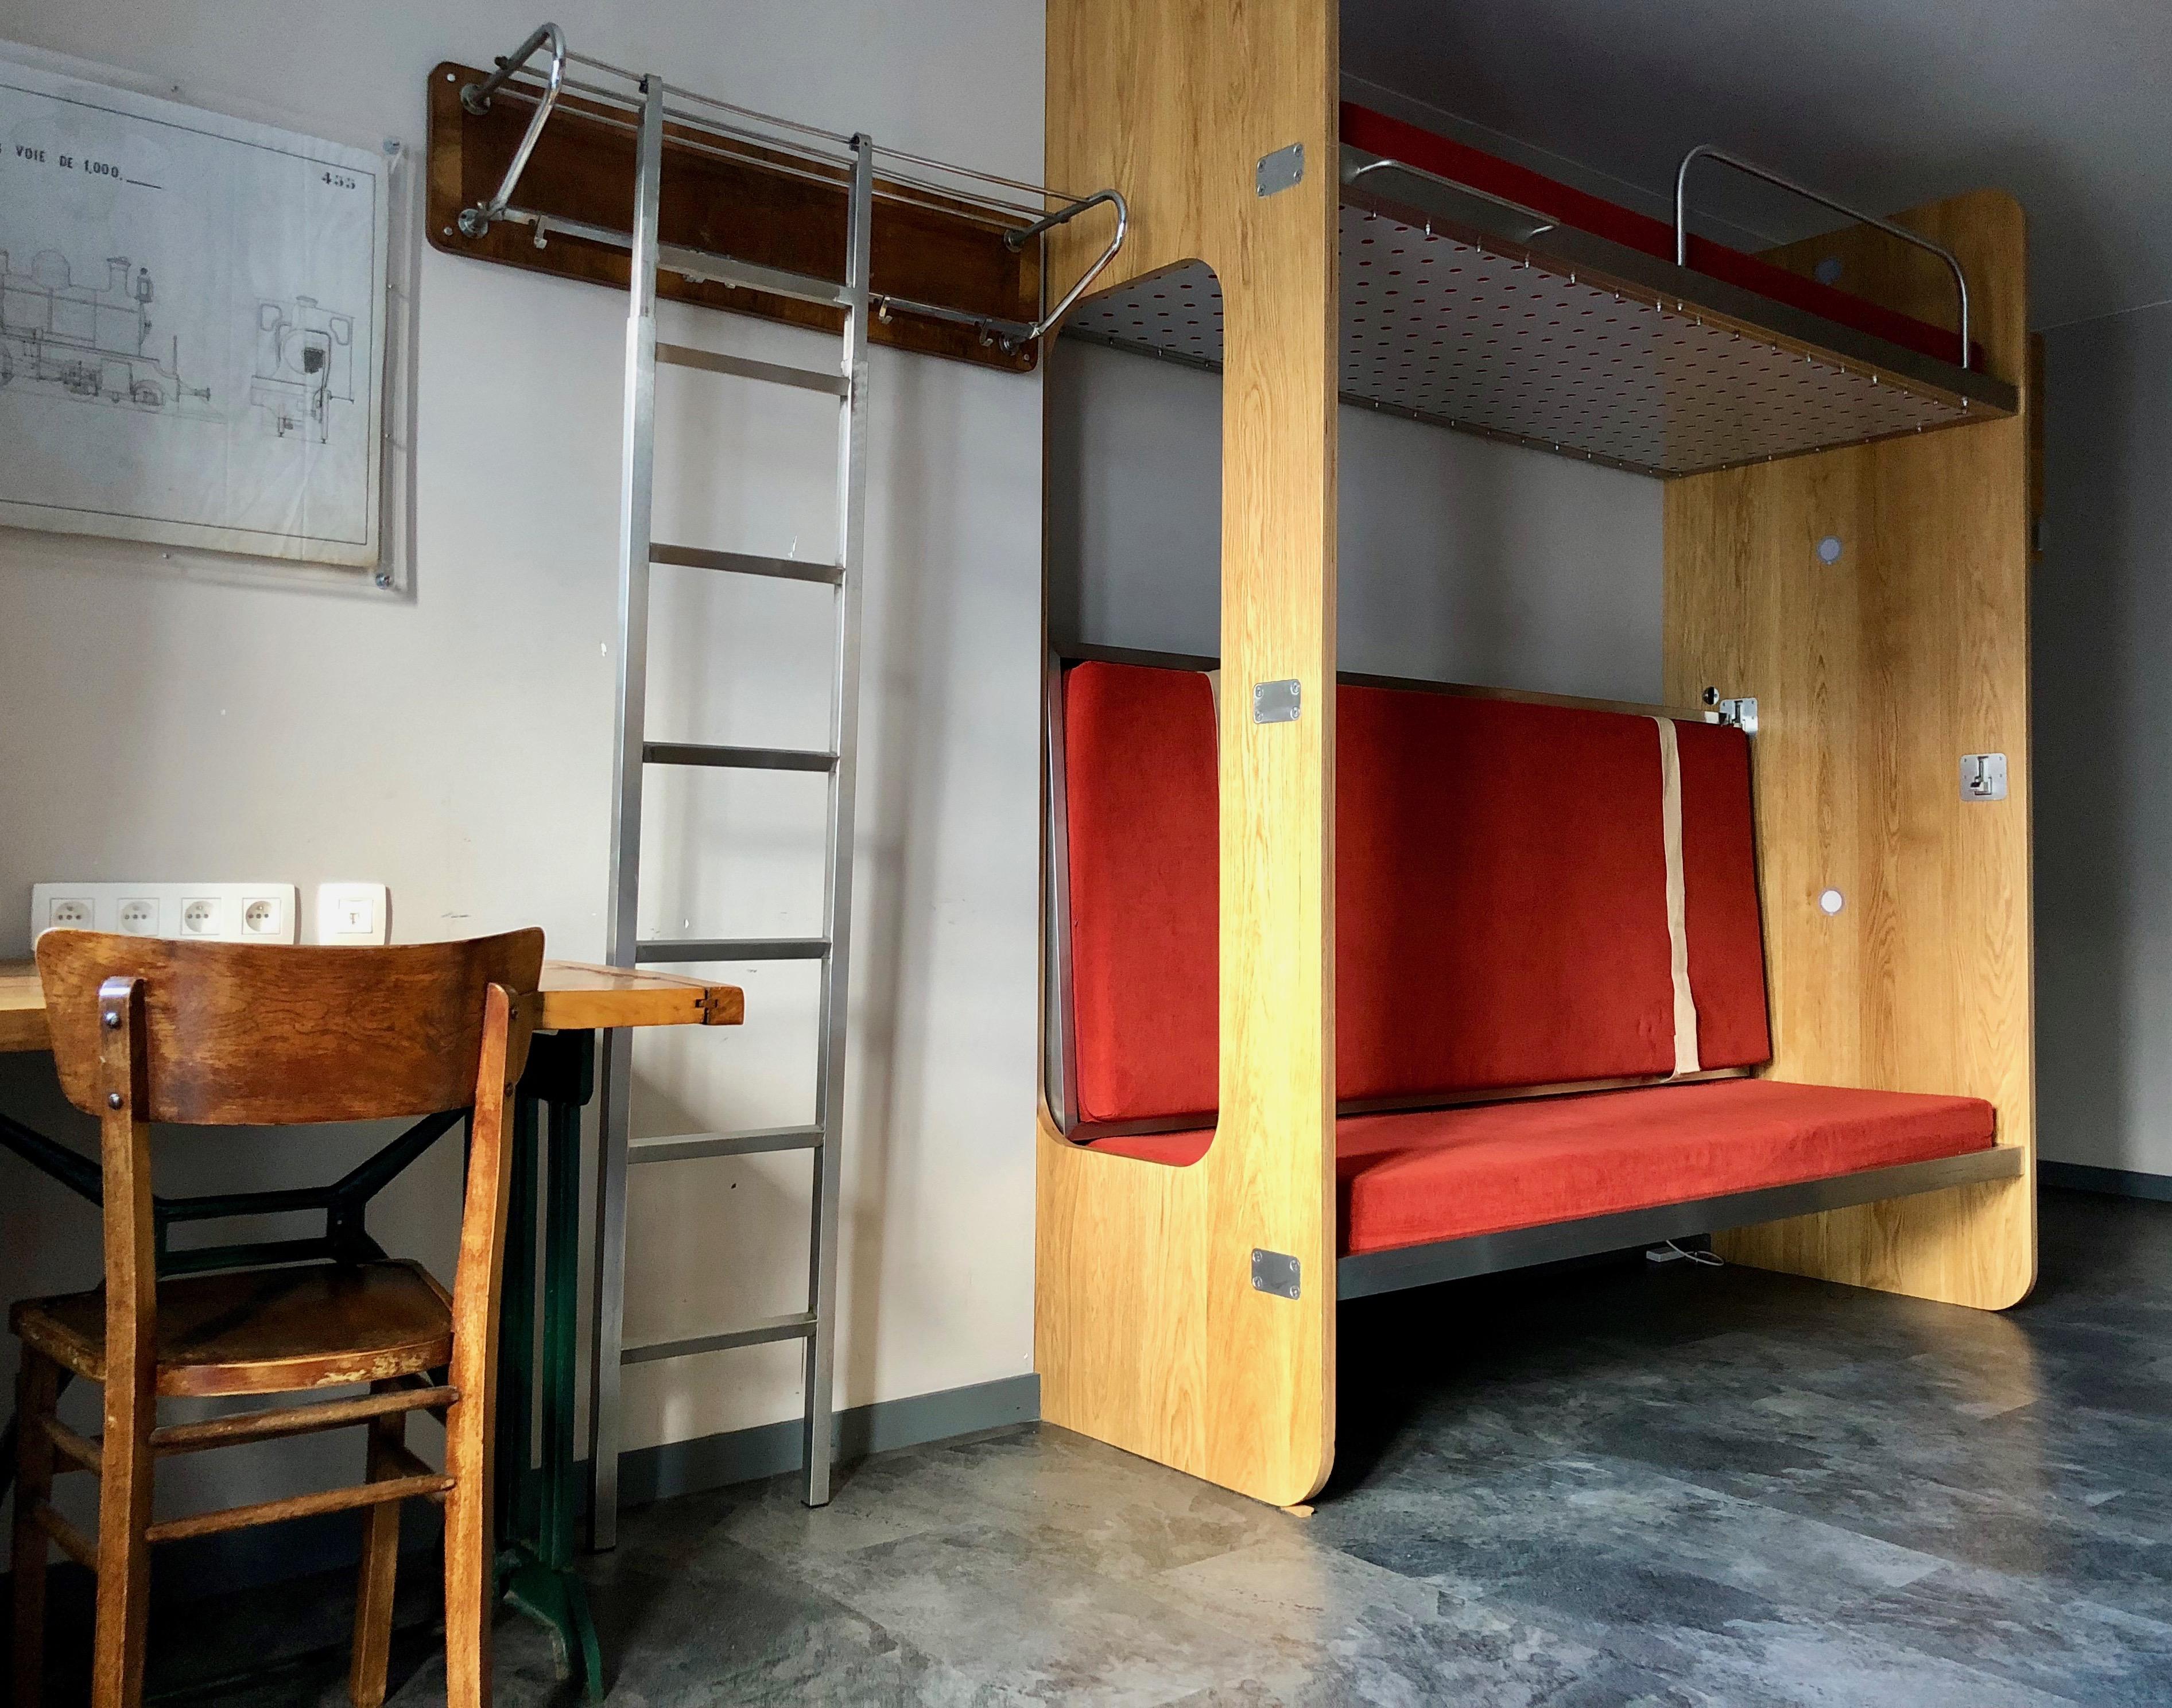 Chambre avec bureau train hostel bruxelles belgique plus au nord